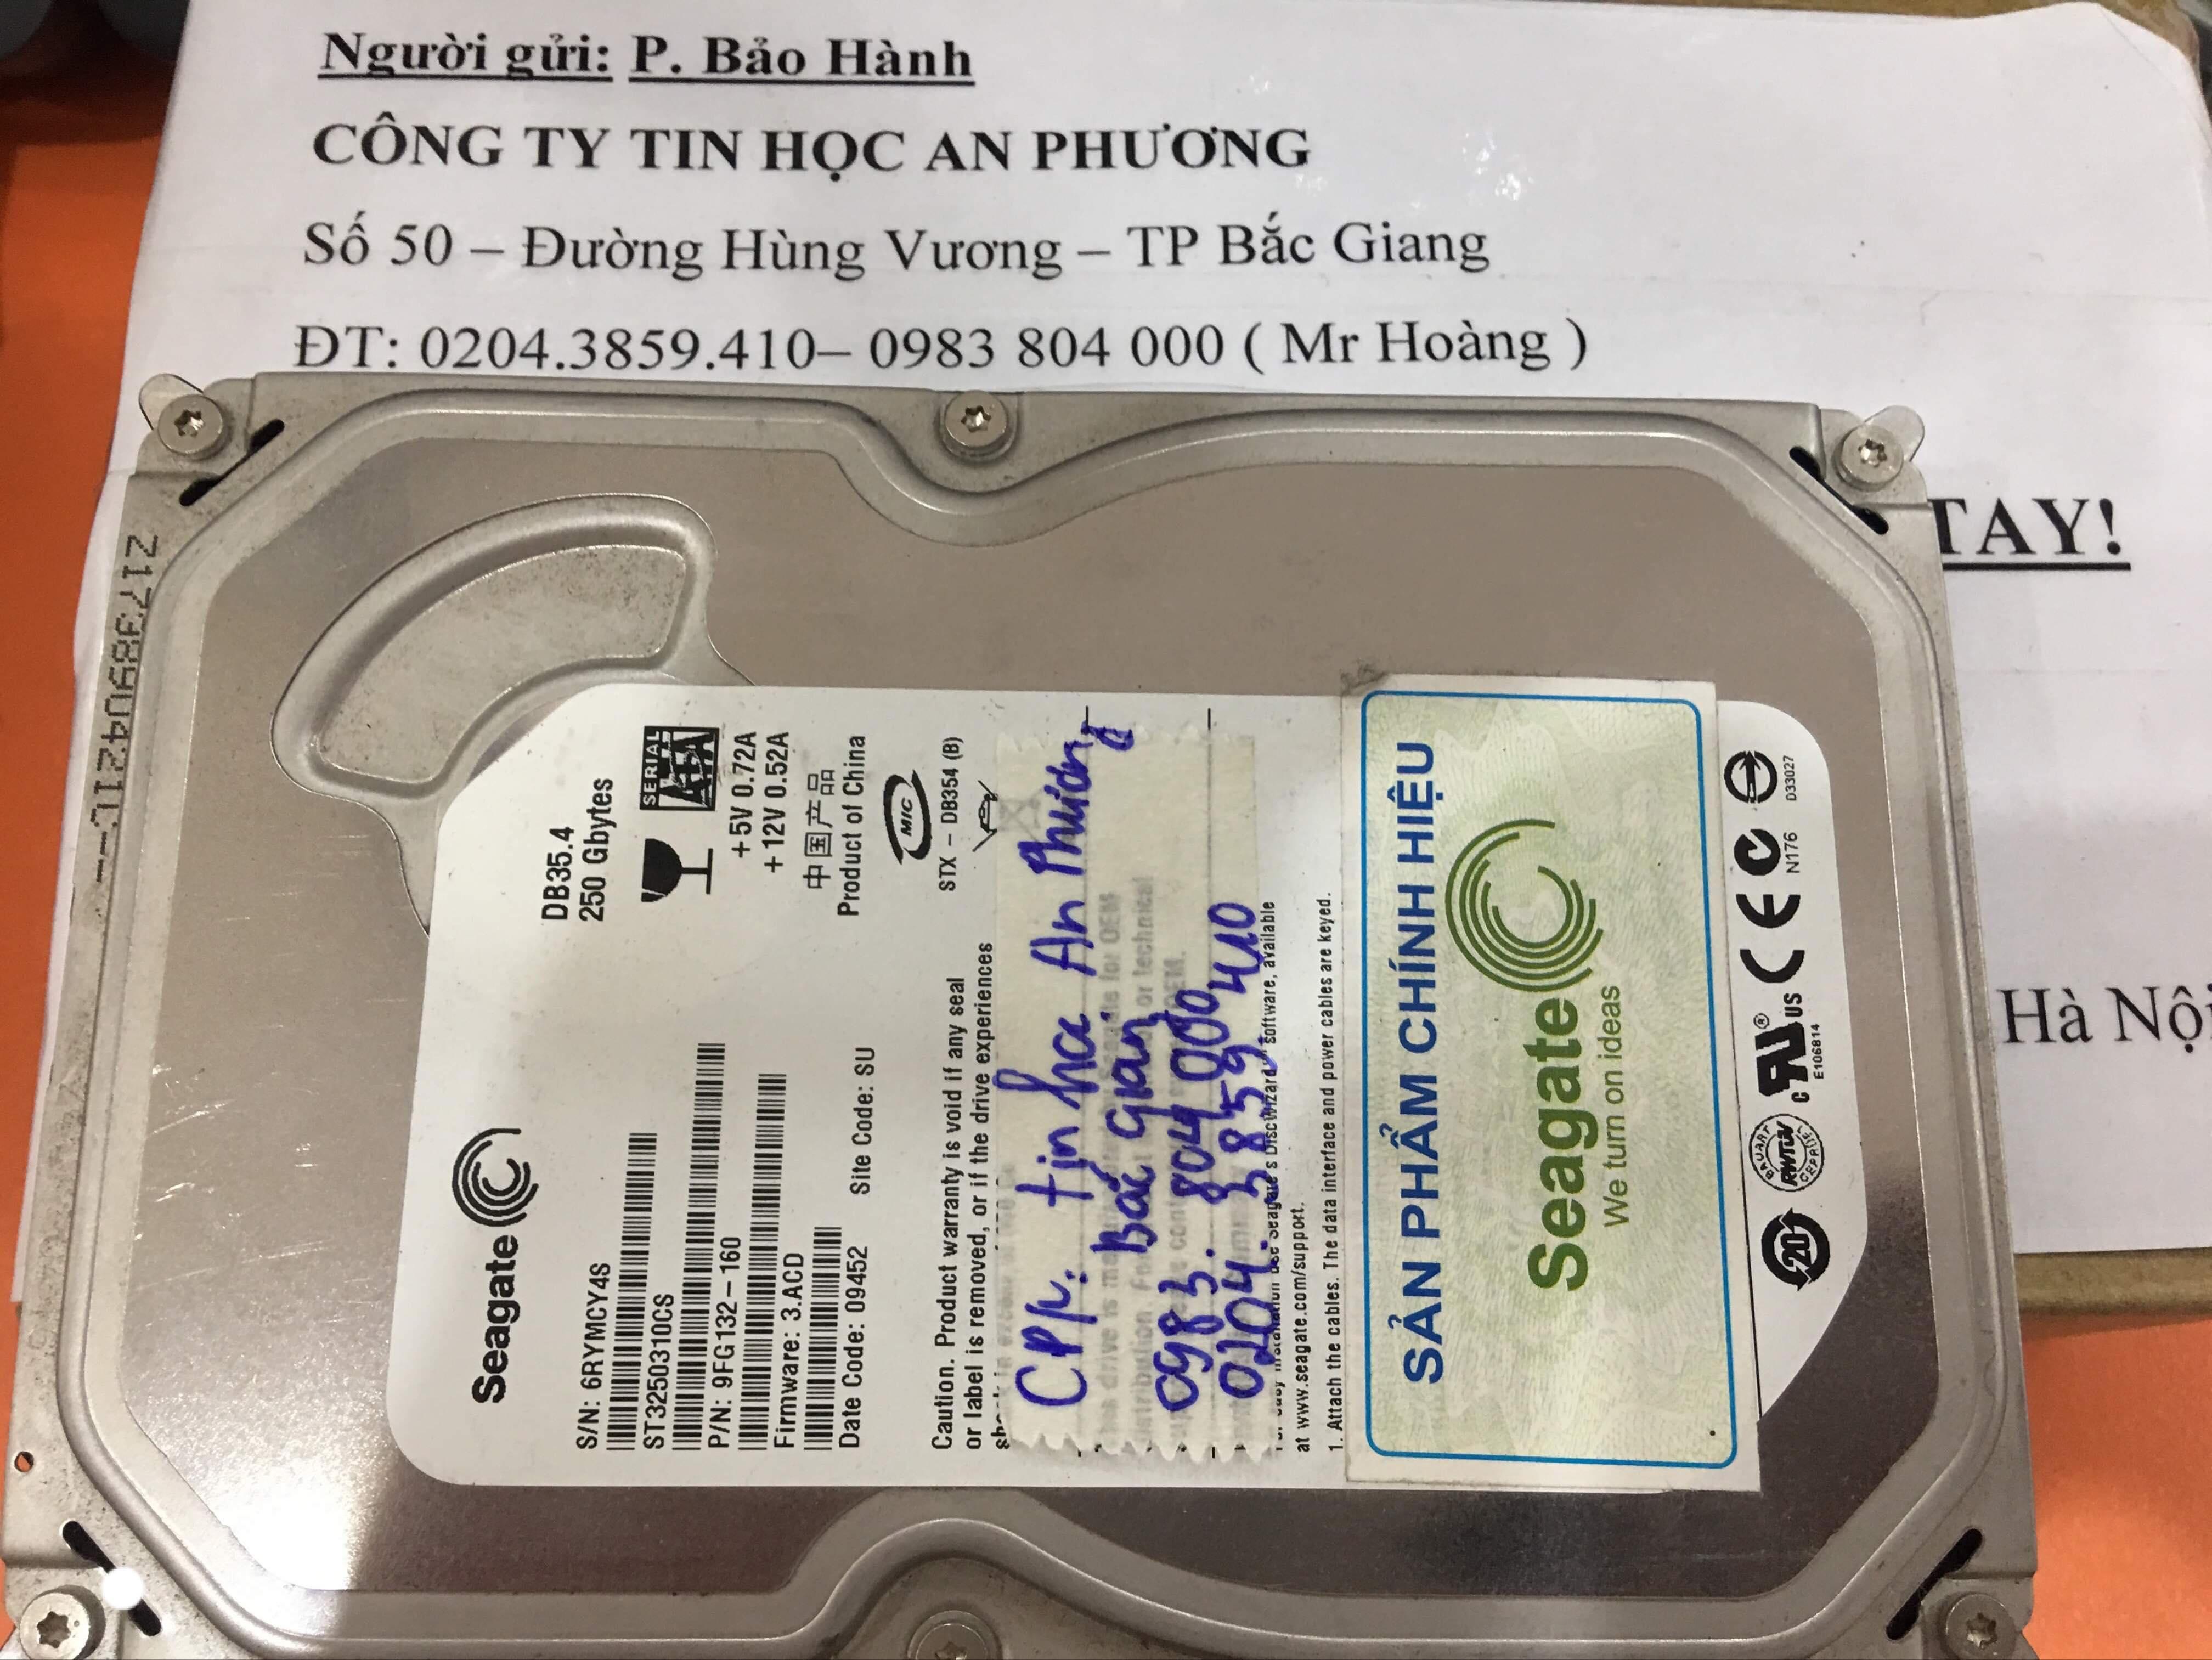 Lấy dữ liệu ổ cứng Western 250GB mất dữ liệu tại Bắc Giang 22/10/2019 - cuumaytinh